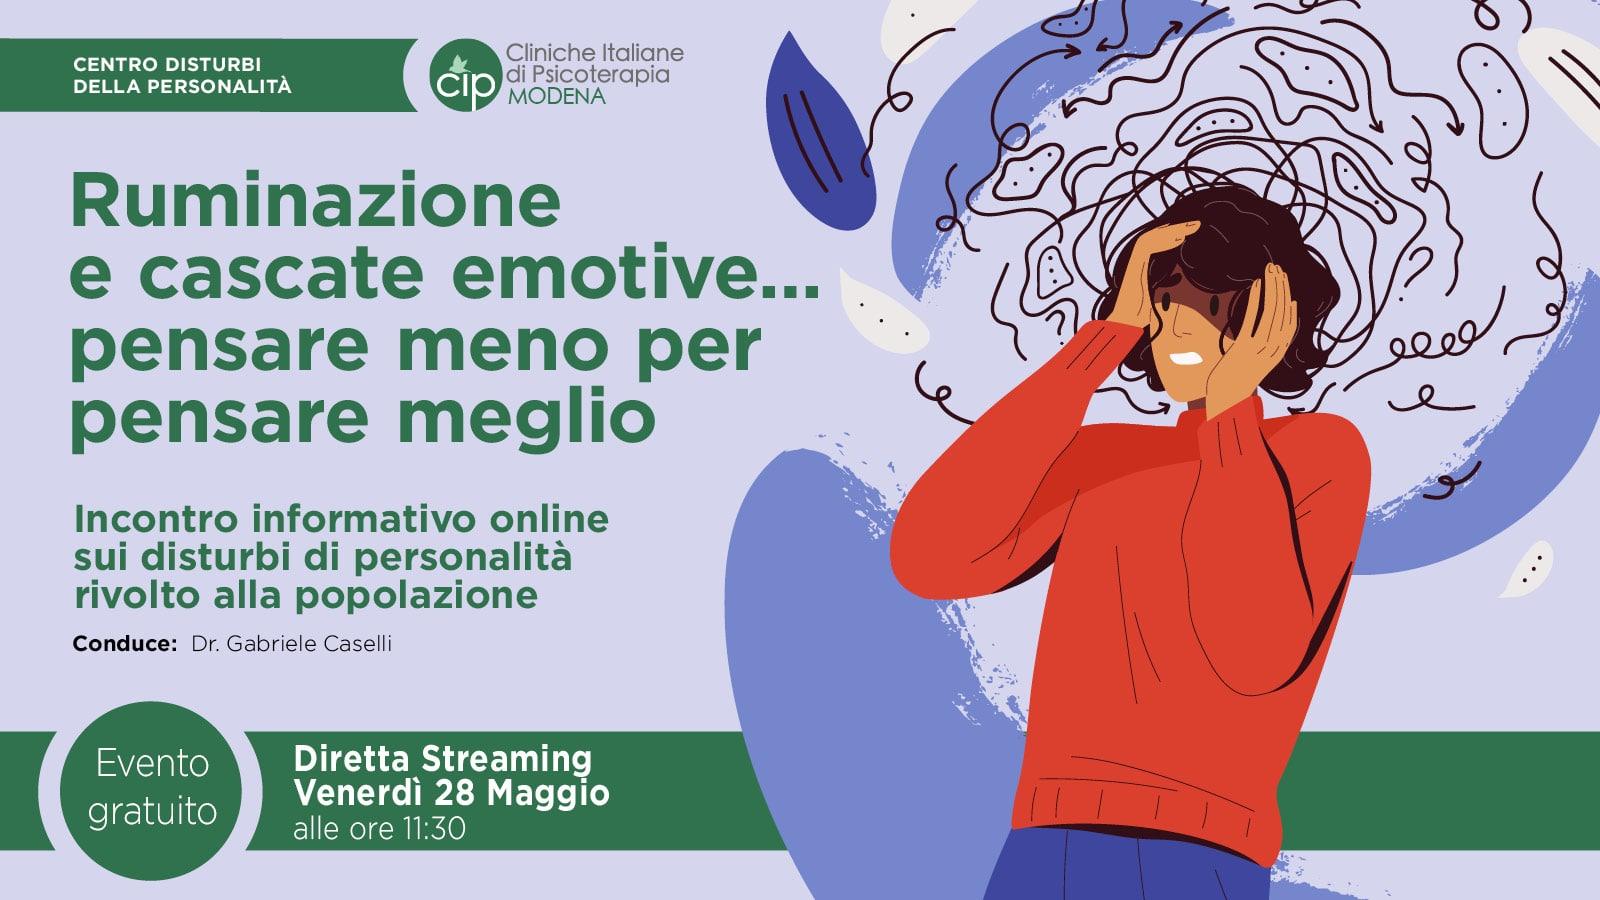 CIP MODENA - 210528 - Ruminazione - Banner